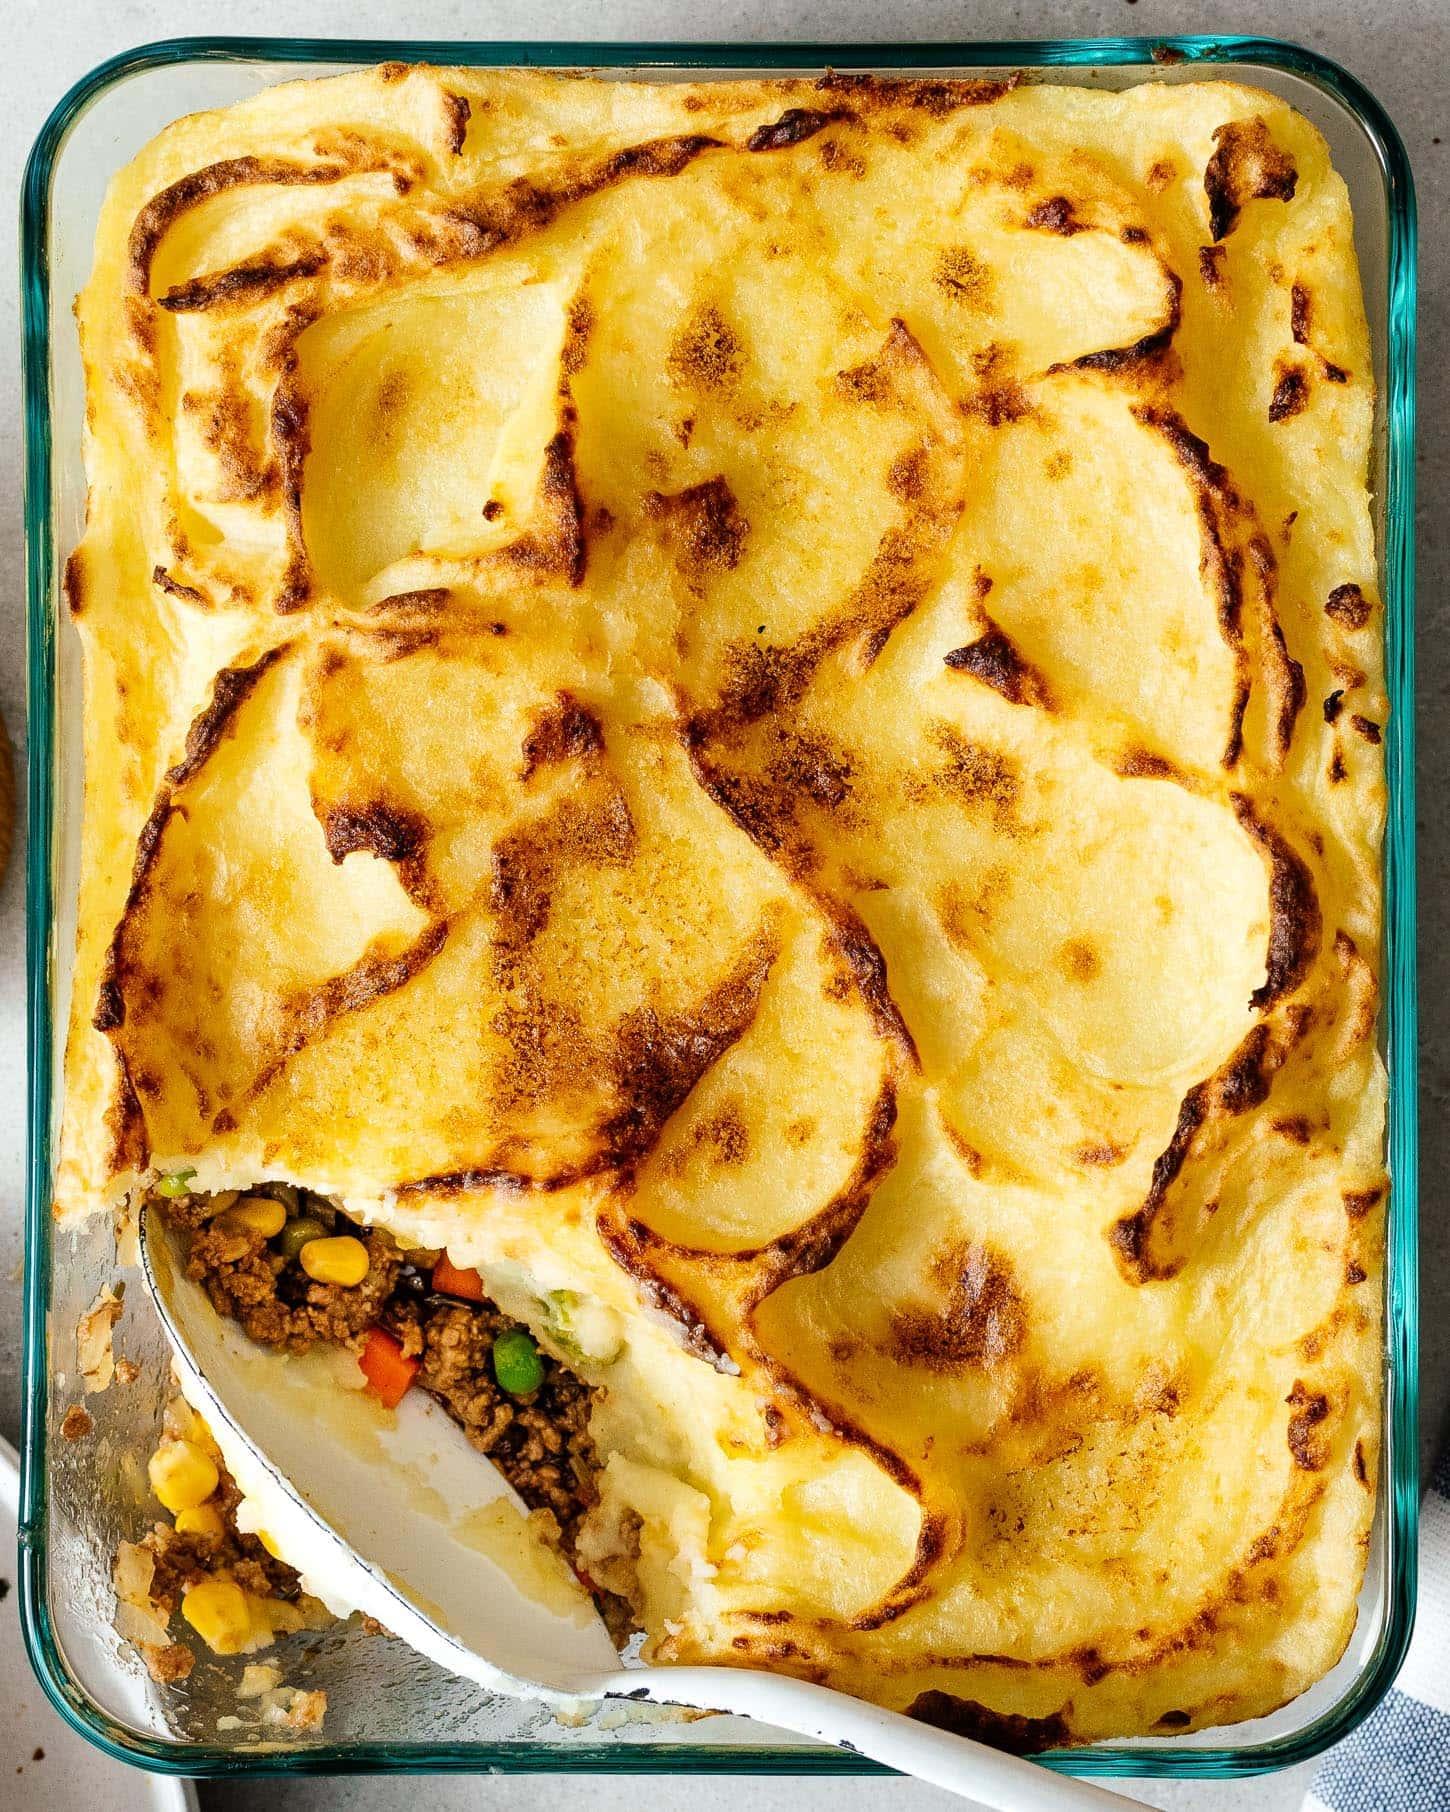 shepherd's pie recipe | www.iamafoodblog.com